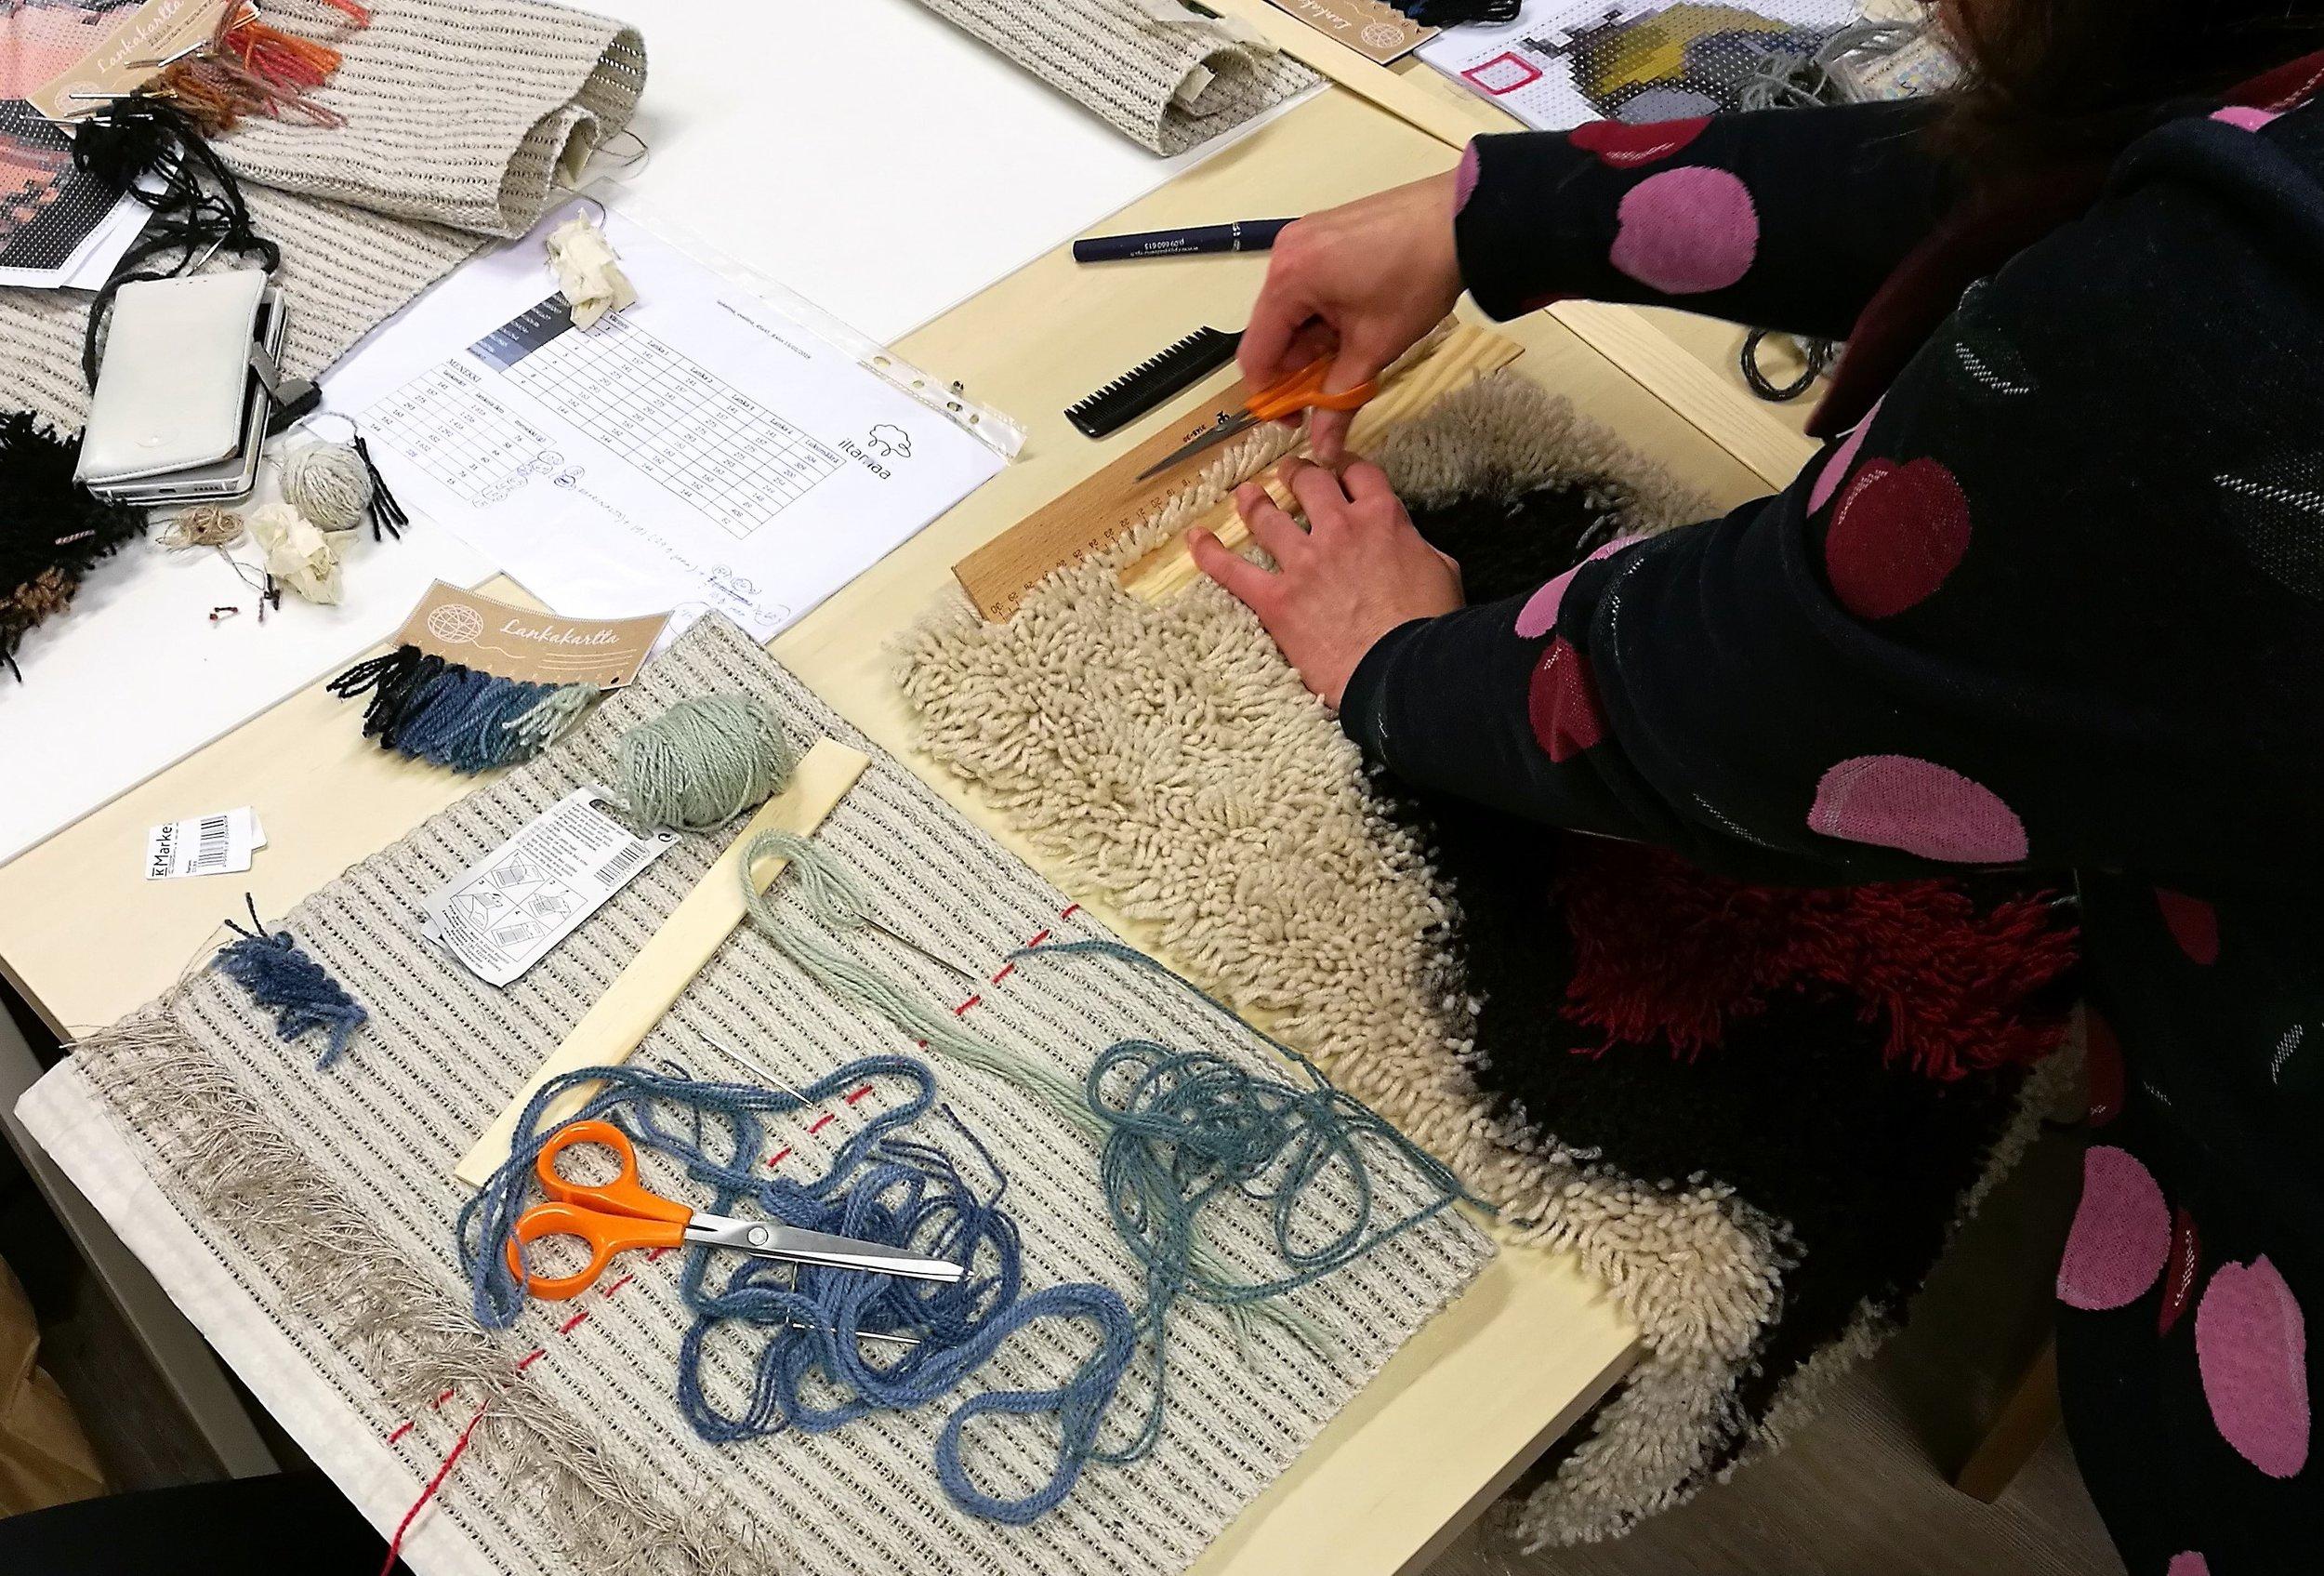 Rya rugs in the making